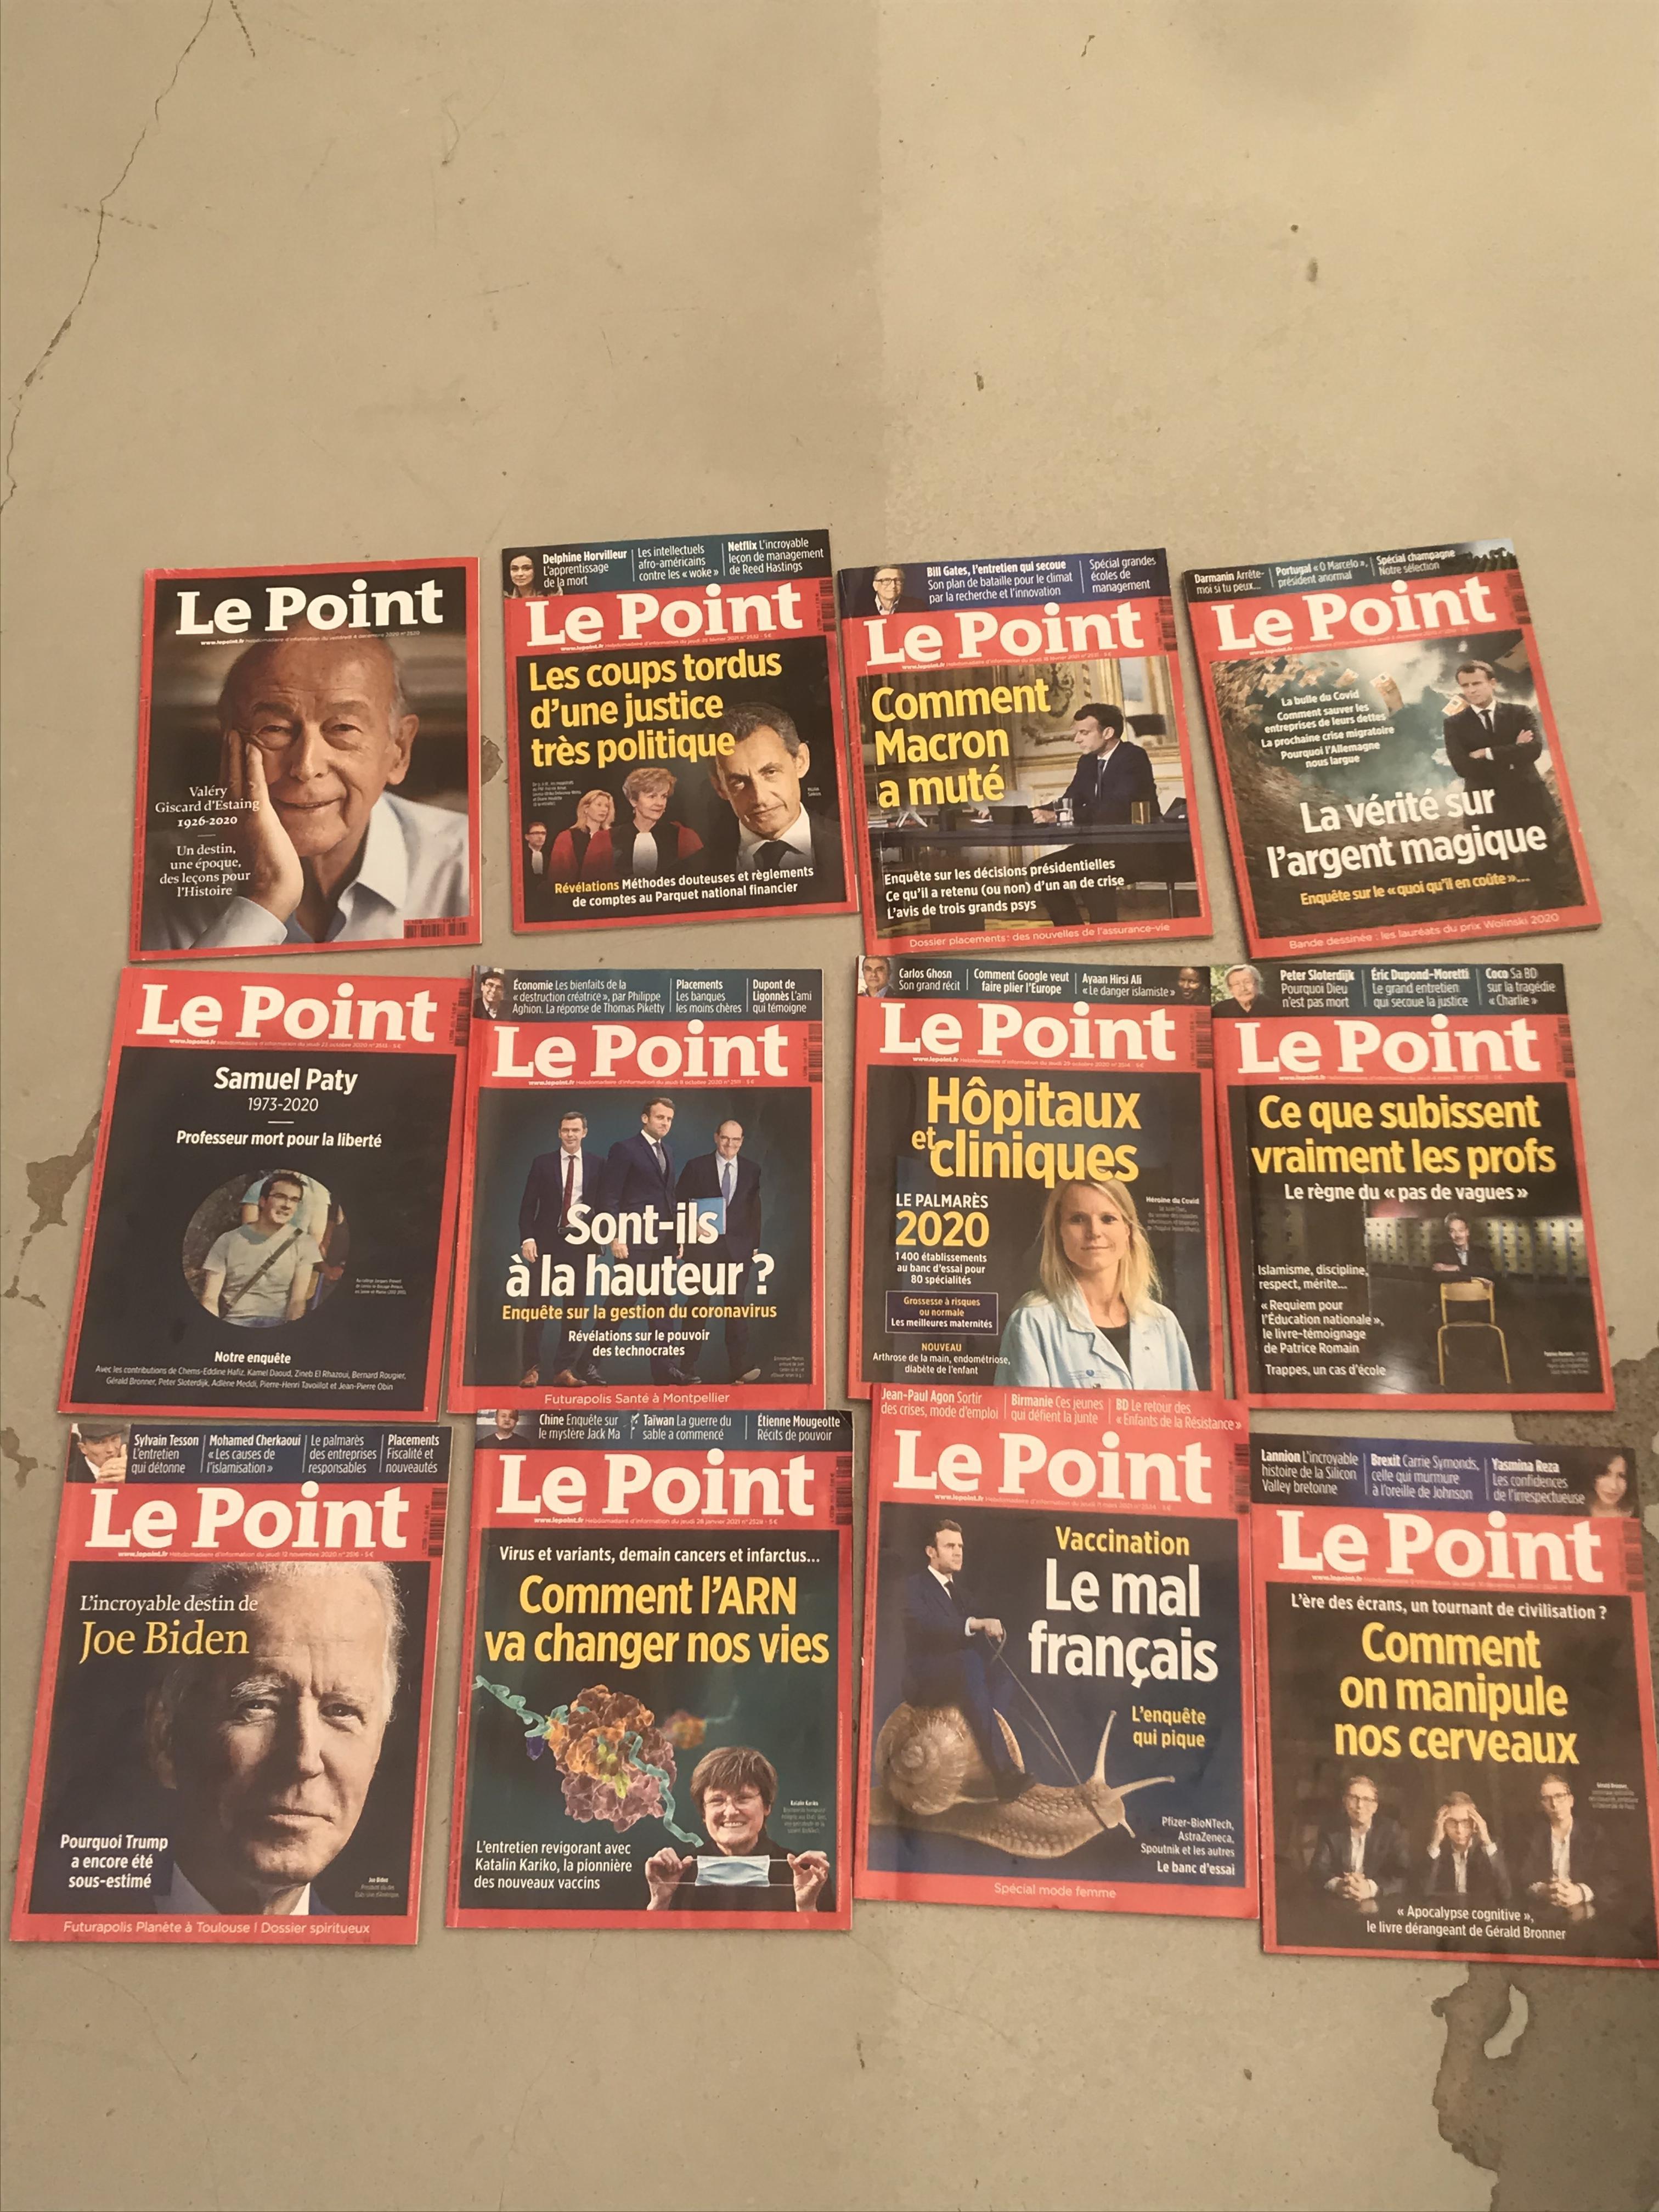 troc de troc lot de 12 magazines le point image 0